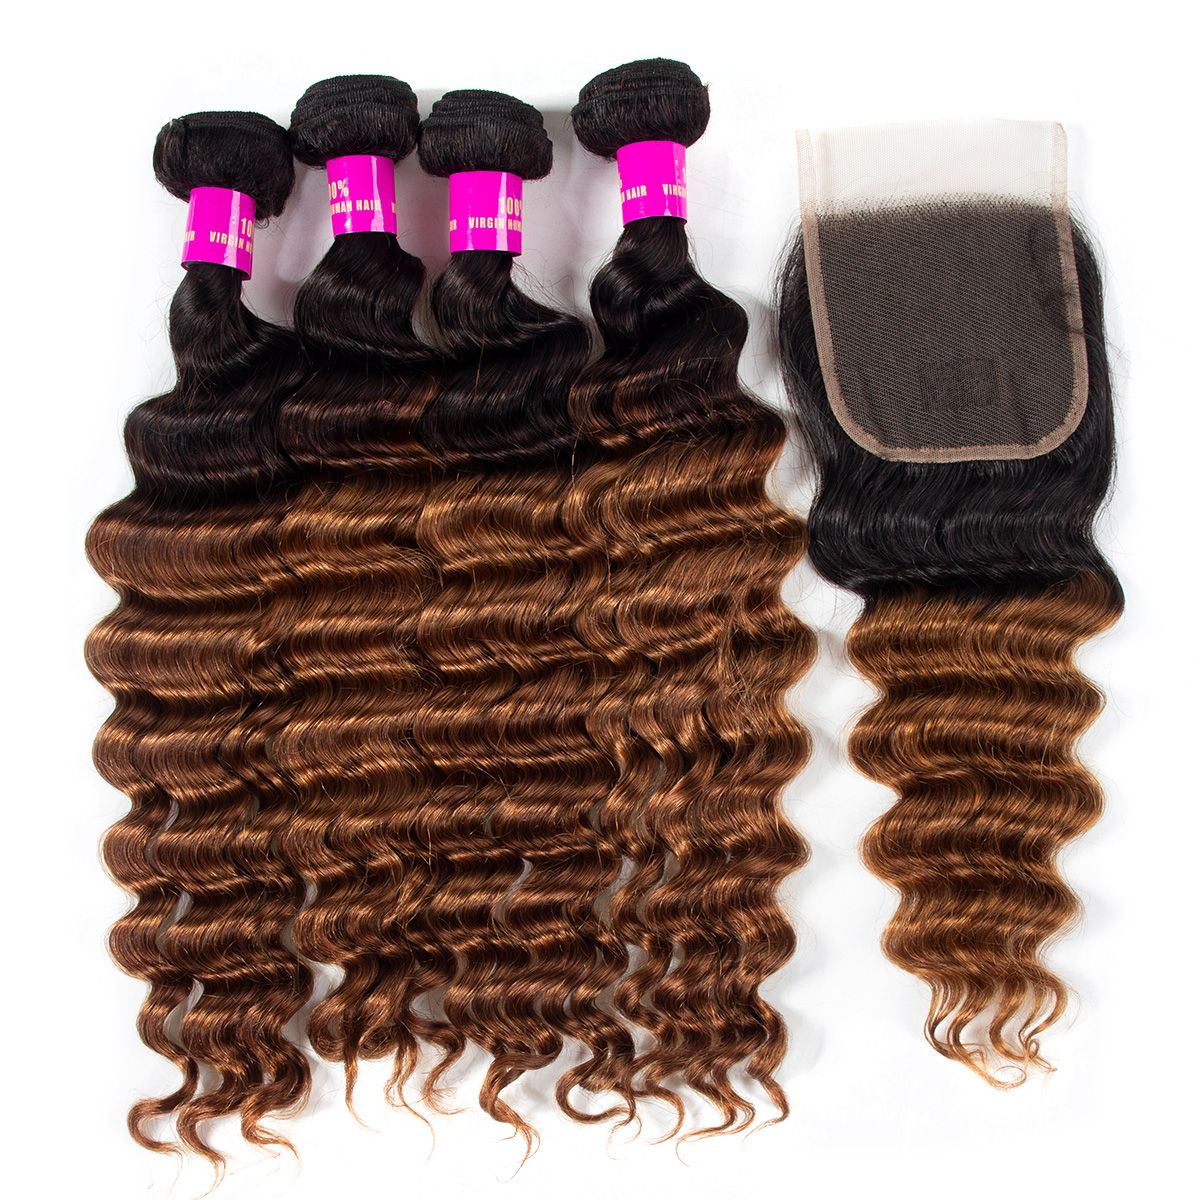 1B/30 Loose deep wave Hair 3 Bundles With Closure